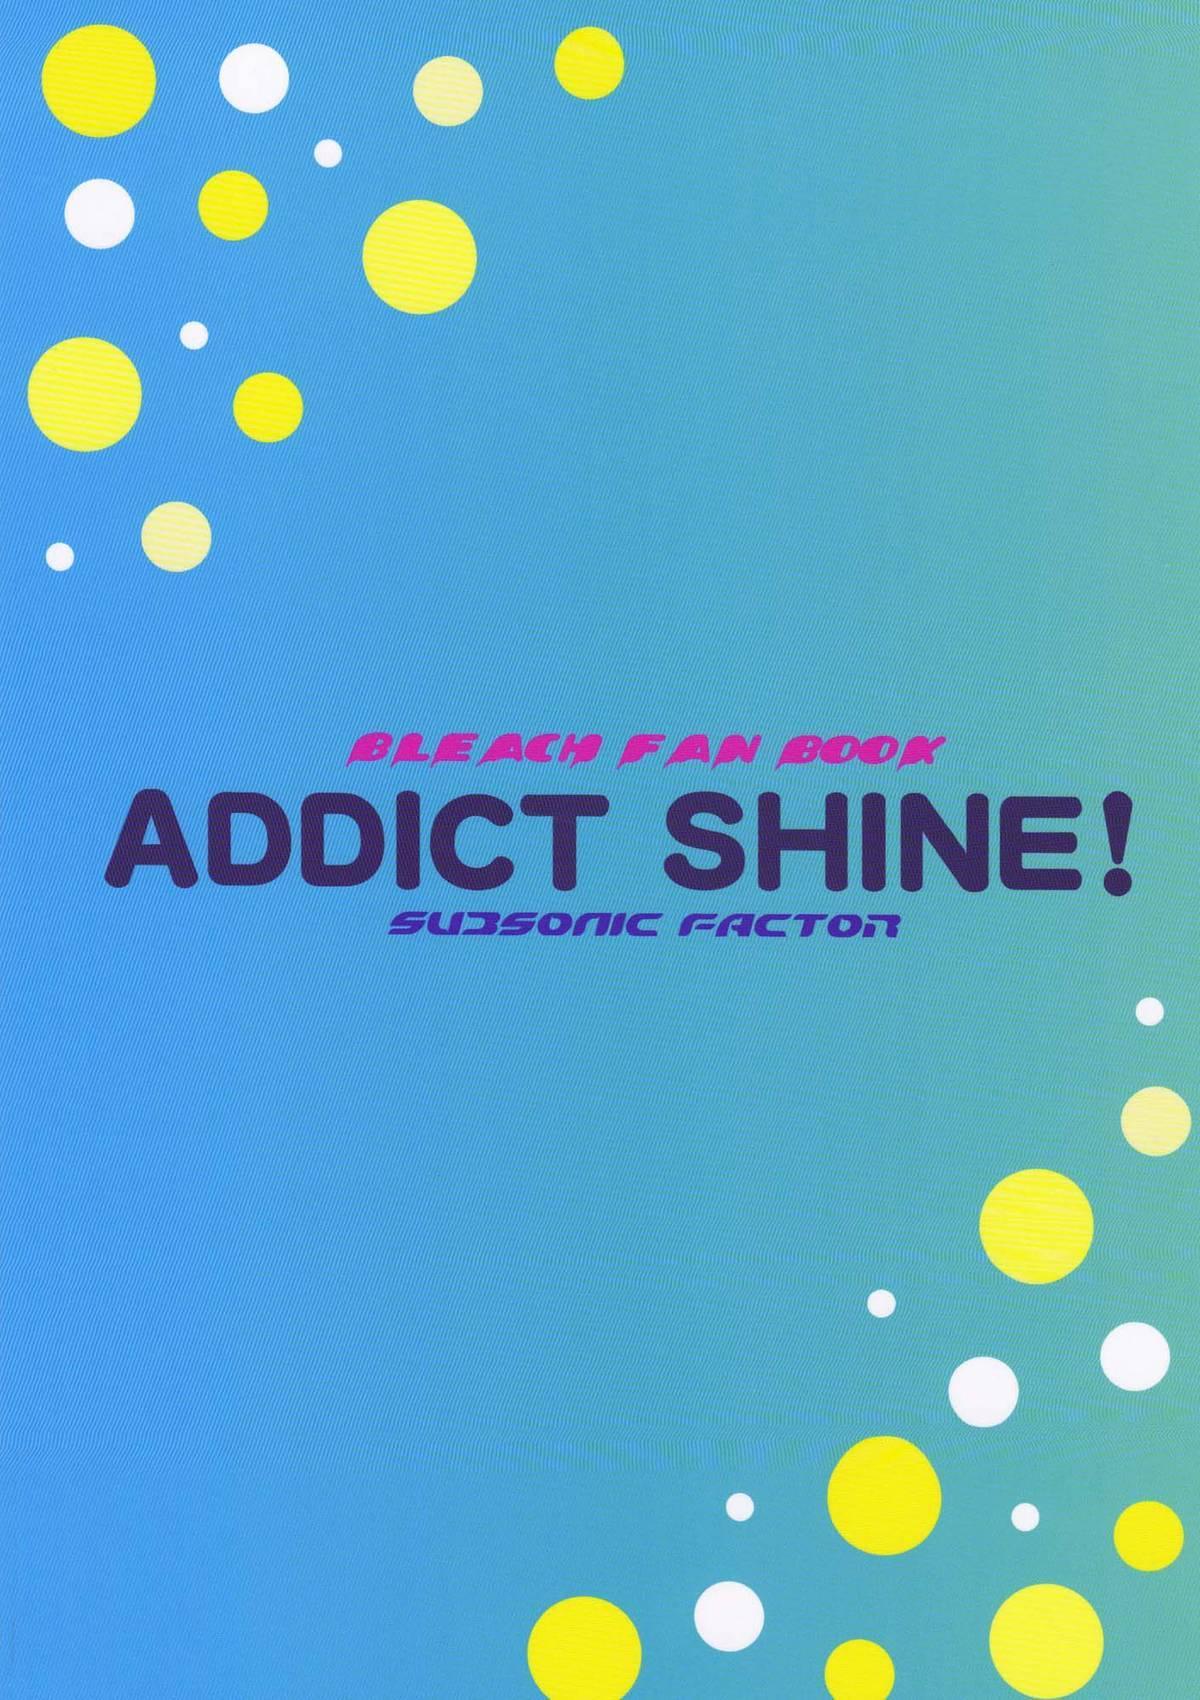 Addict Shine 21